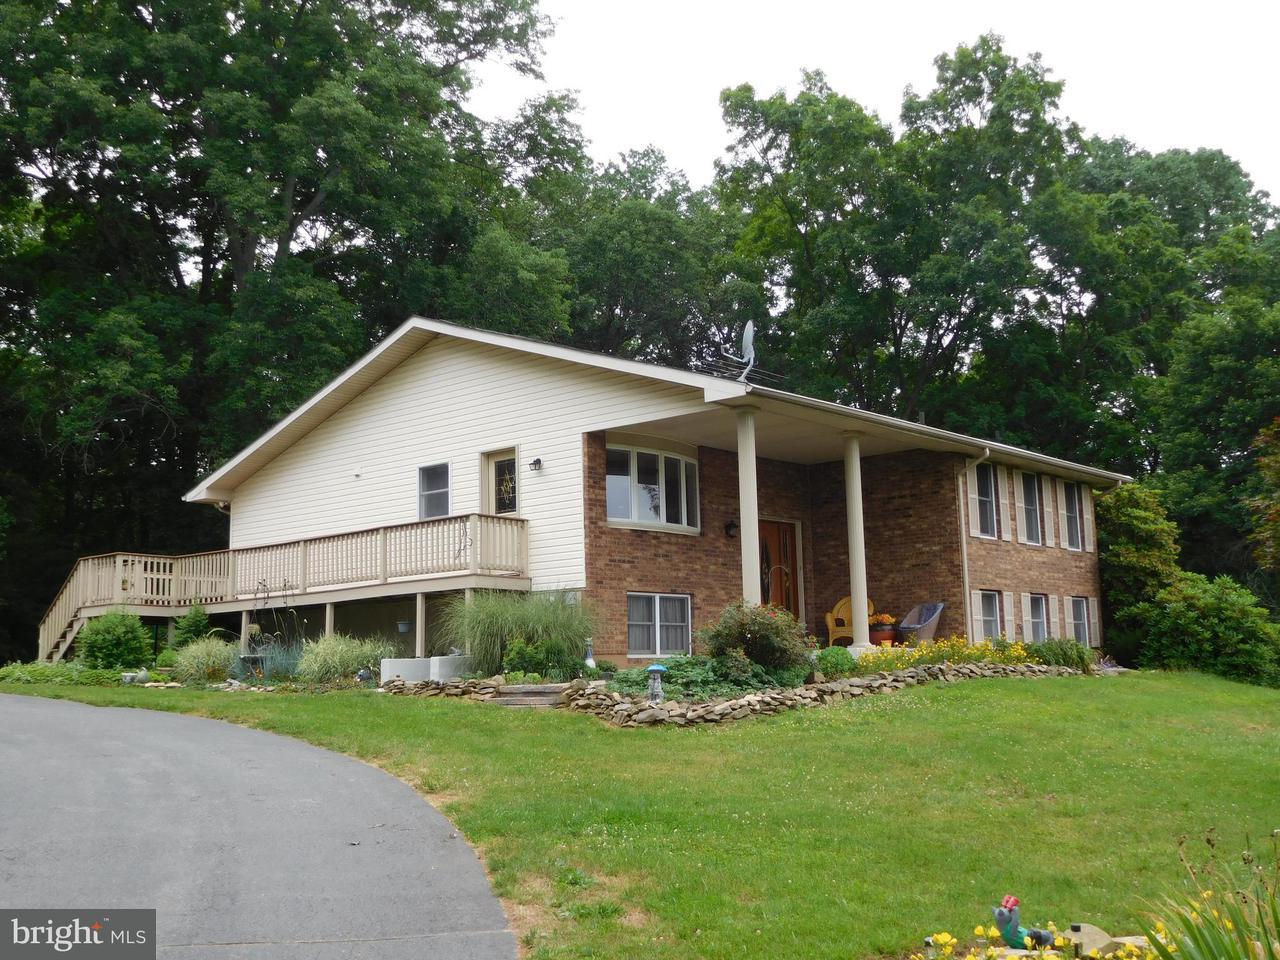 Частный односемейный дом для того Продажа на 710 PRIESTFORD Road 710 PRIESTFORD Road Churchville, Мэриленд 21028 Соединенные Штаты